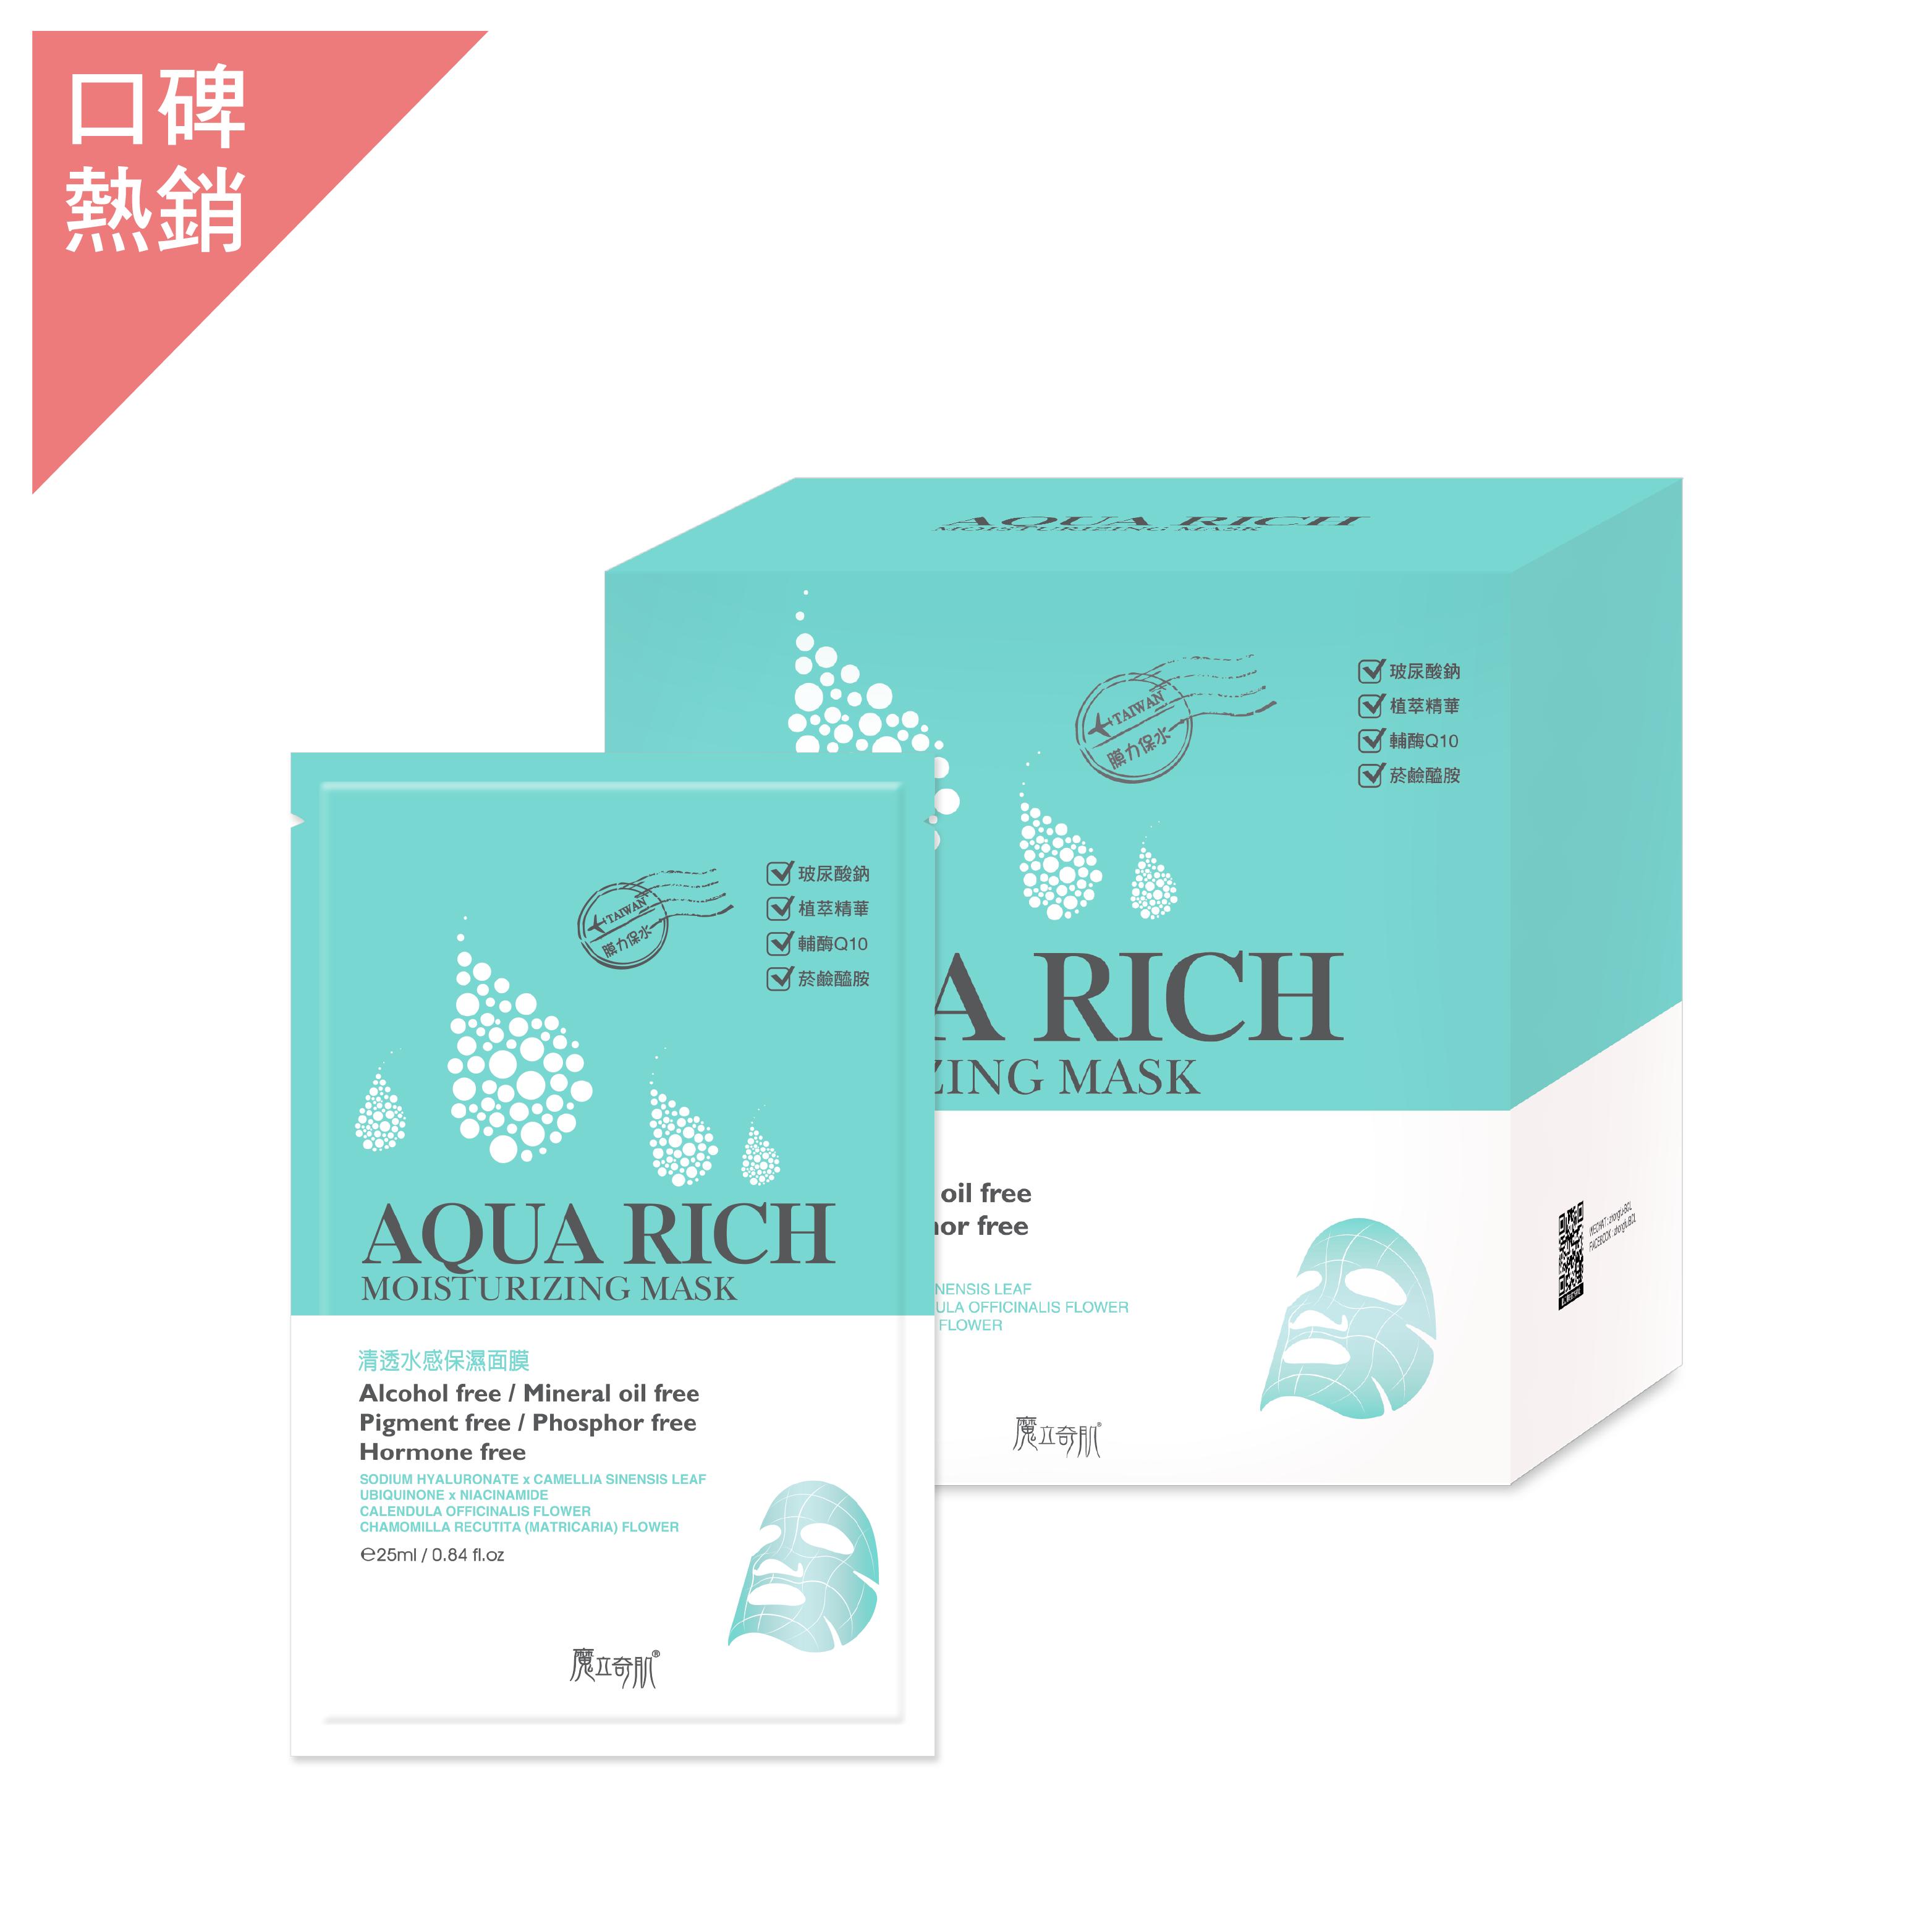 魔立奇肌-清透水感保濕面膜/25入 蠶絲 玻尿酸 敏感肌 洋甘菊 蘆薈